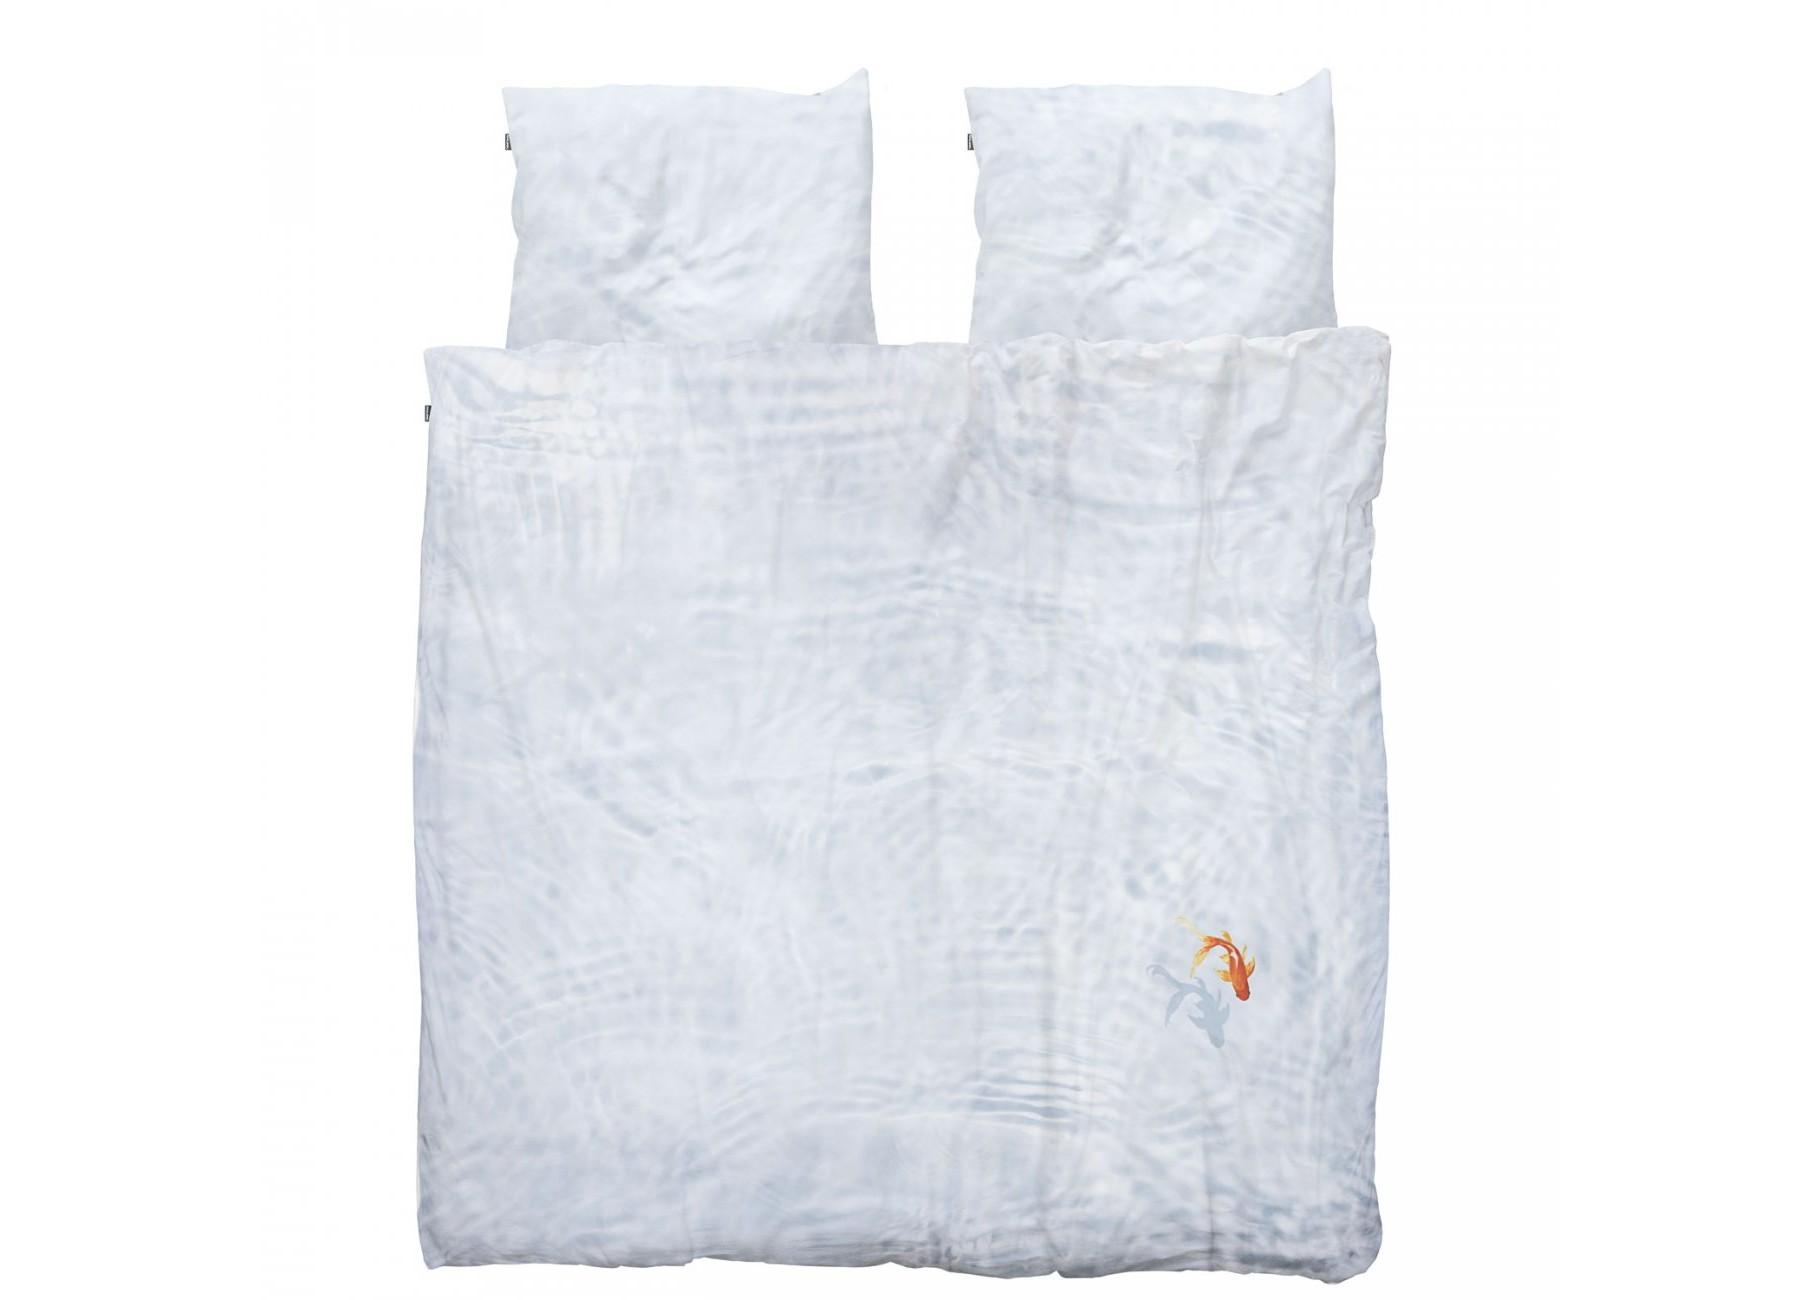 Комплект постельного белья Рыбка БэссиДвуспальные комплекты постельного белья<br>Прямо из пруда на заднем дворе рыбка Бэсси решила переехать на ваше одеяло. Кристальные волны на мягком натуральном хлопке убаюкают любого.&amp;amp;nbsp;&amp;lt;div&amp;gt;&amp;lt;br&amp;gt;&amp;lt;/div&amp;gt;&amp;lt;div&amp;gt;Материал: 100% хлопок ПЕРКАЛЬ (плотность ткани 214г/м2).&amp;lt;div&amp;gt;&amp;lt;span style=&amp;quot;line-height: 1.78571;&amp;quot;&amp;gt;В комплект входит: пододеяльник 200х220см - 1 шт, наволочка 50х70см - 2 шт.&amp;lt;/span&amp;gt;&amp;lt;br&amp;gt;&amp;lt;/div&amp;gt;&amp;lt;/div&amp;gt;<br><br>Material: Хлопок